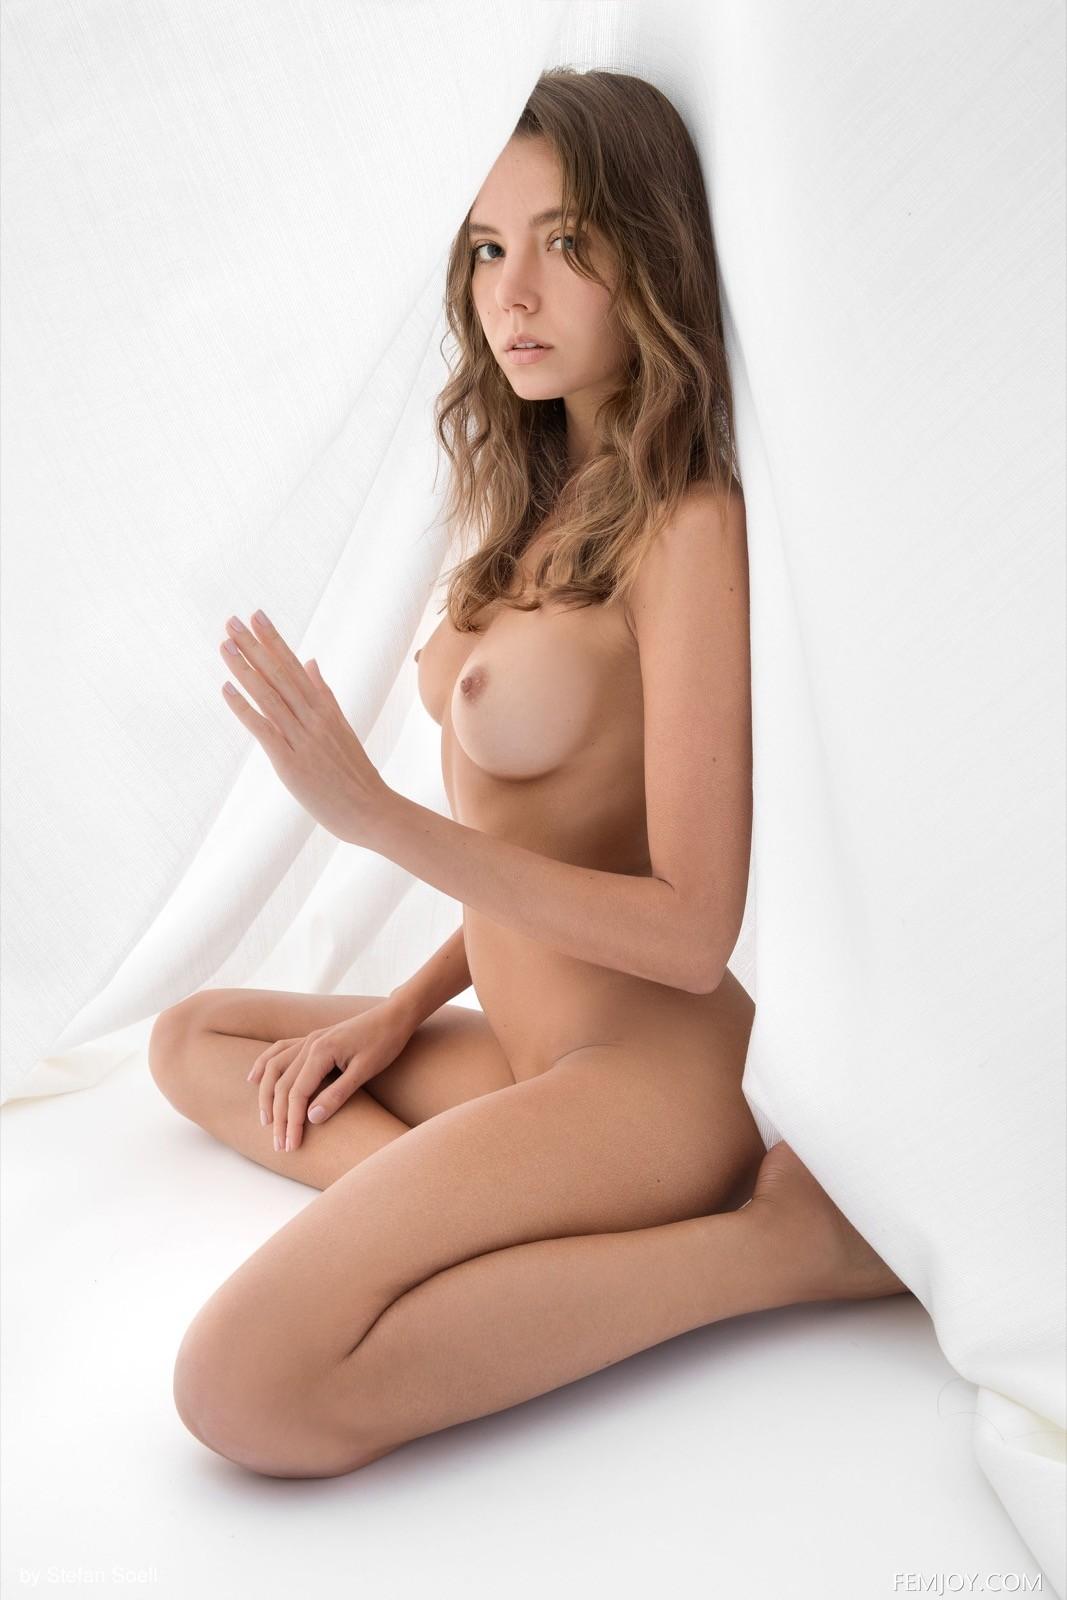 Голенькая красивая девушка под покрывалом - фото